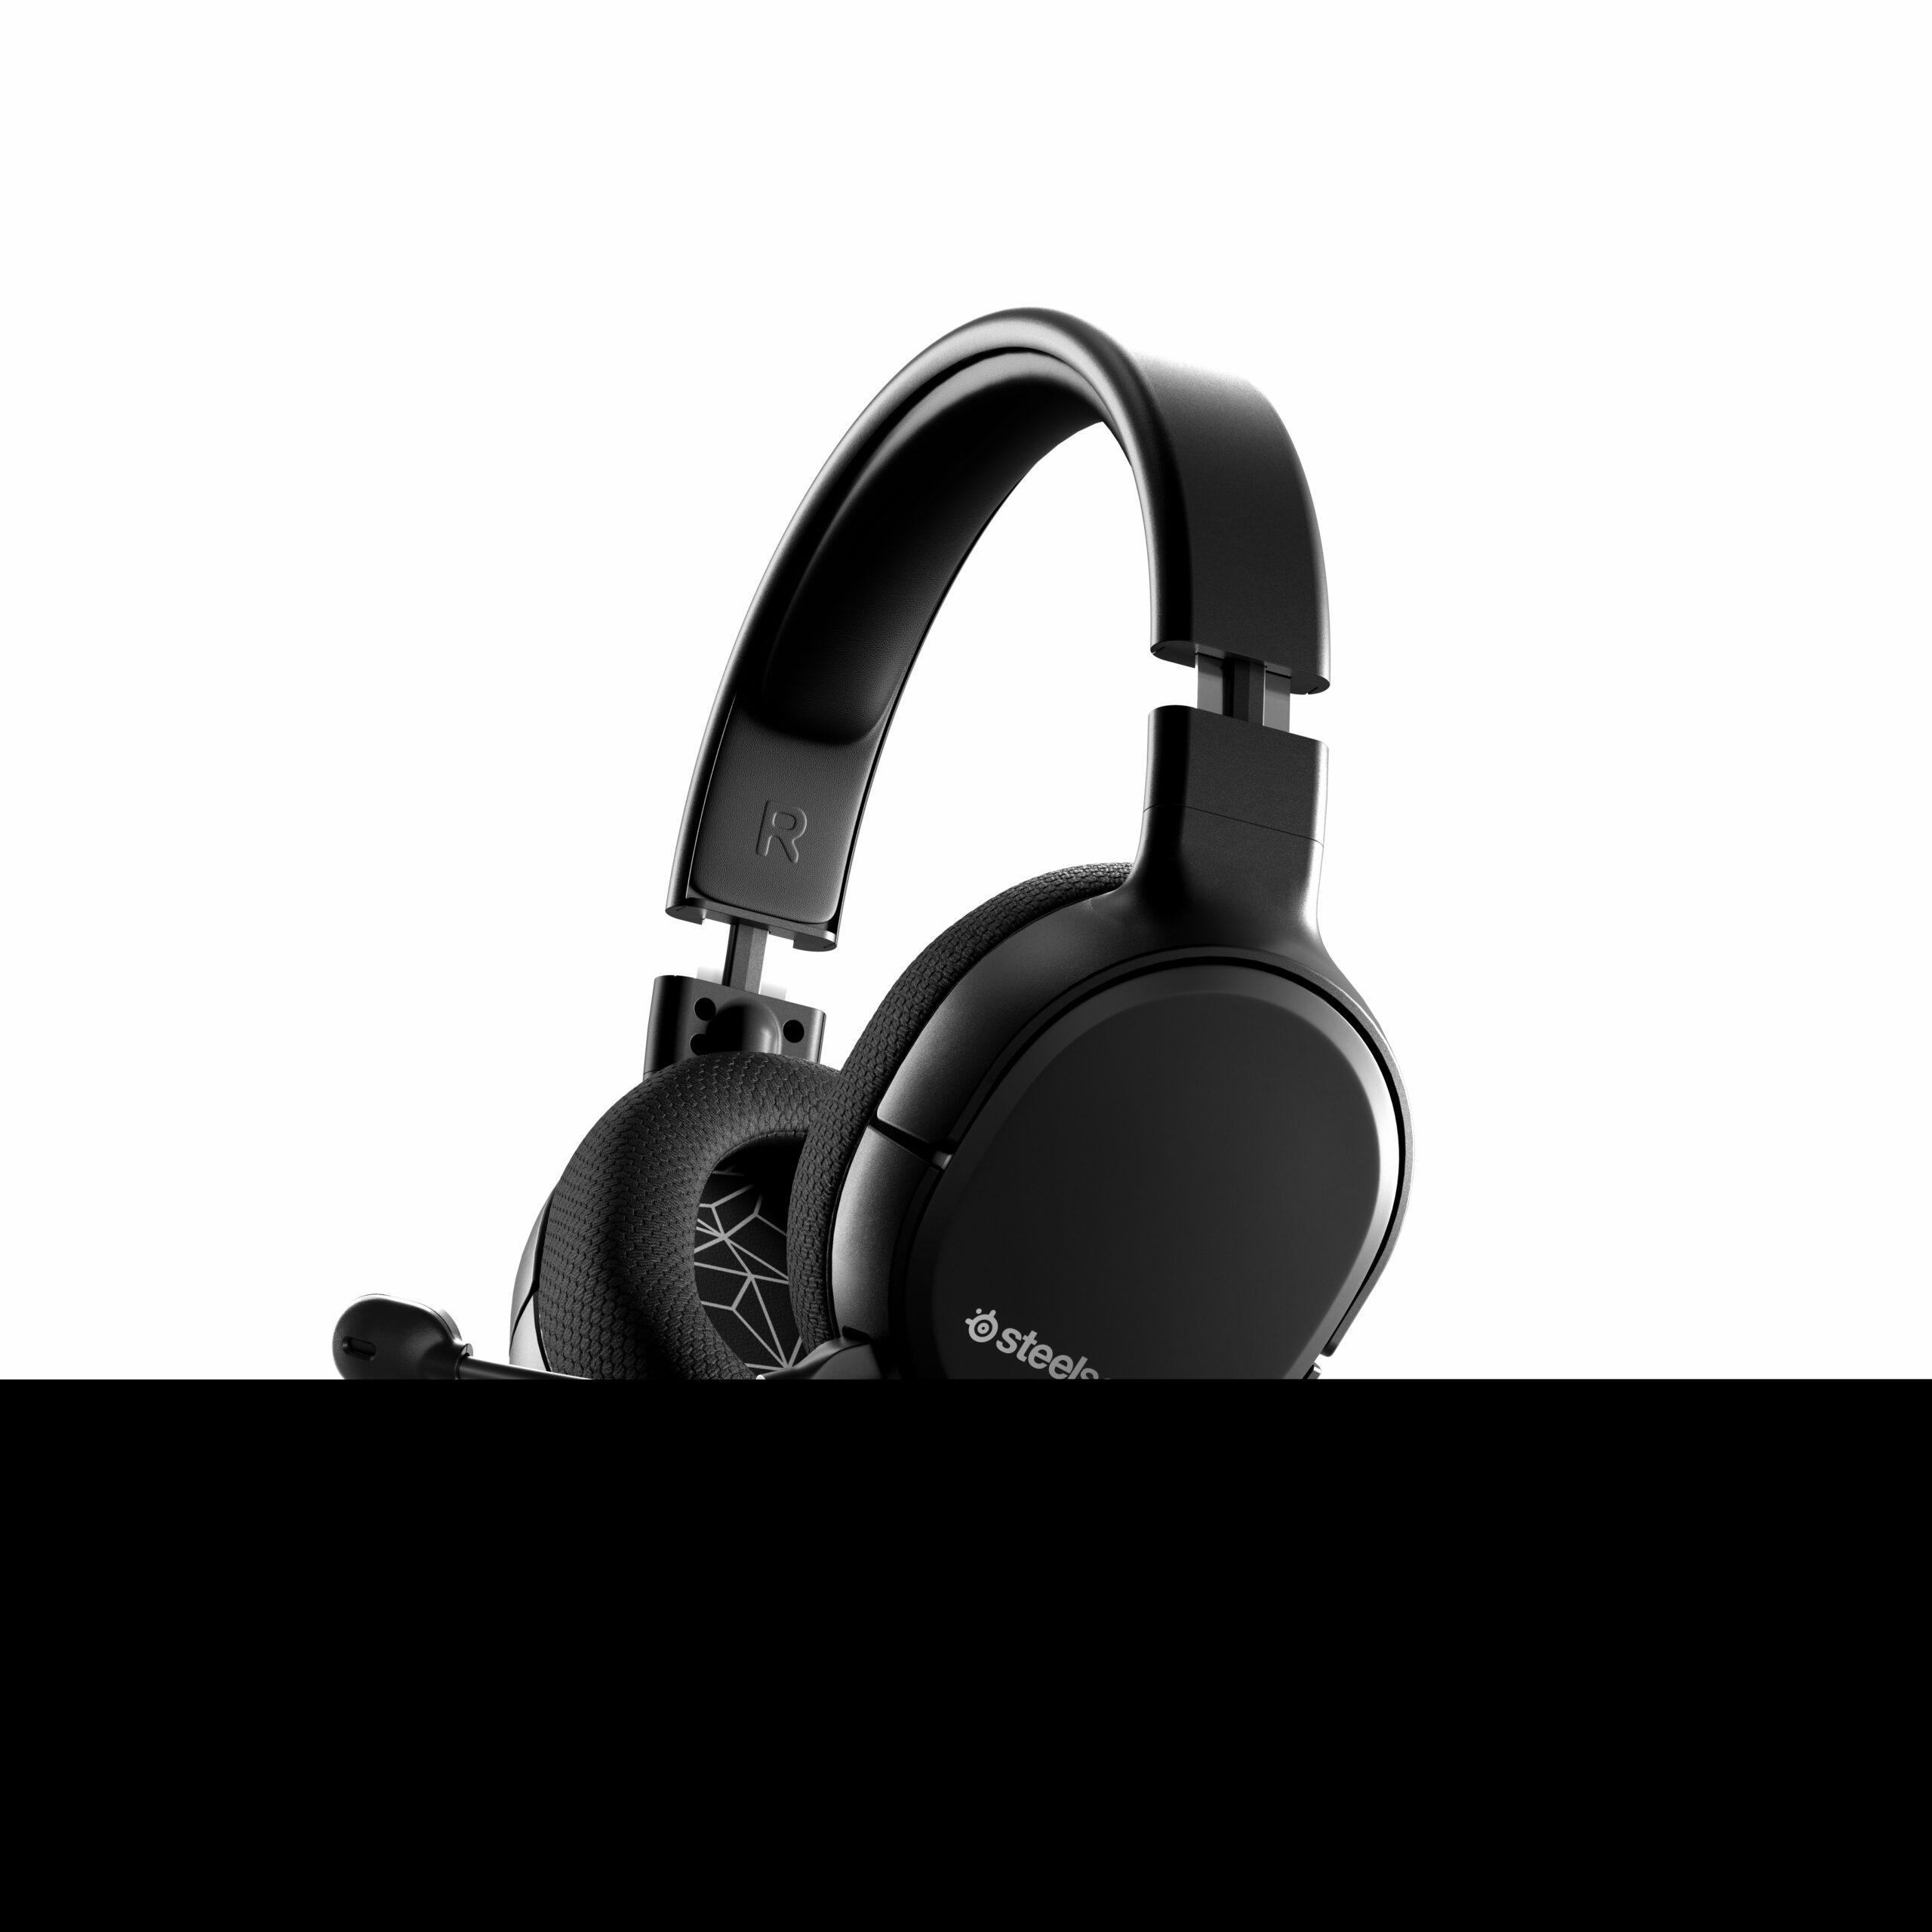 Steelseries - Arctis 1 Gaming Headset